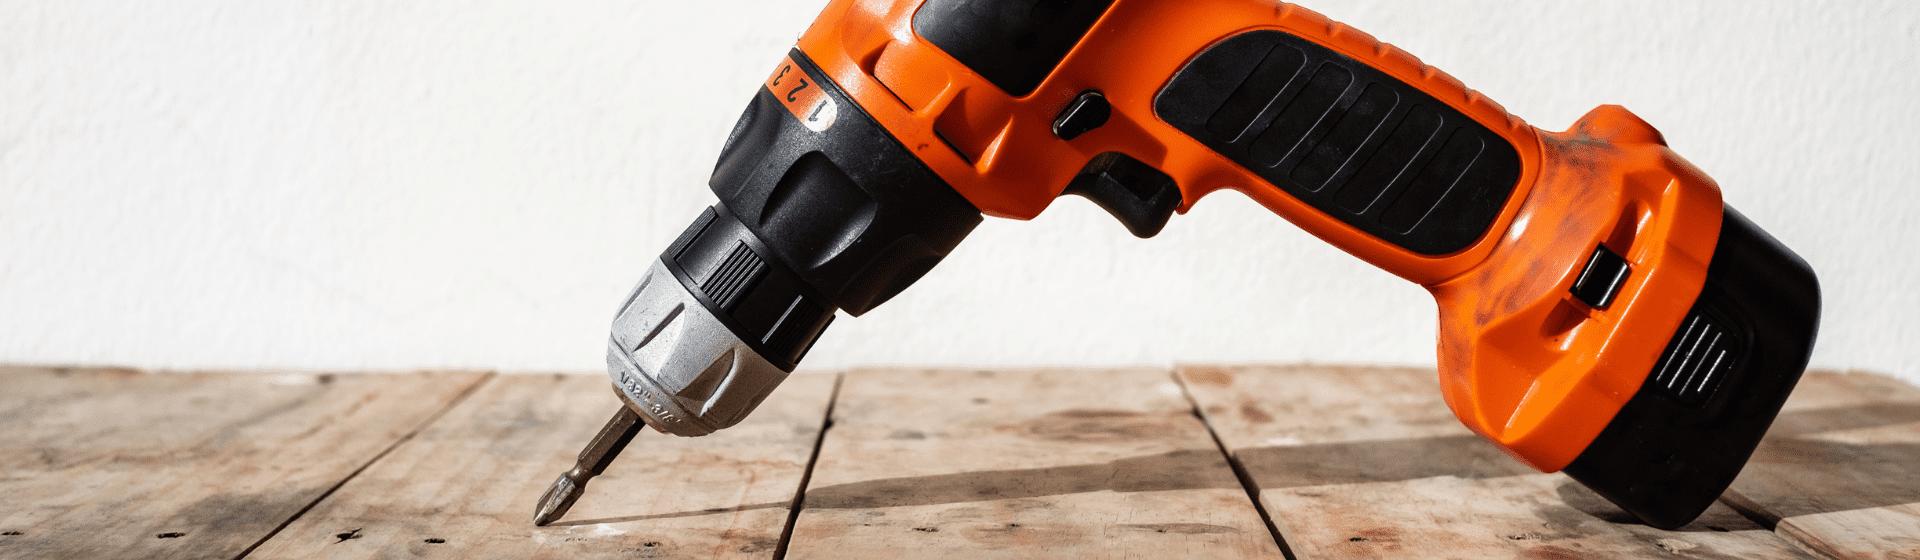 Melhores furadeiras e parafusadeiras de 2021: 8 modelos para comprar